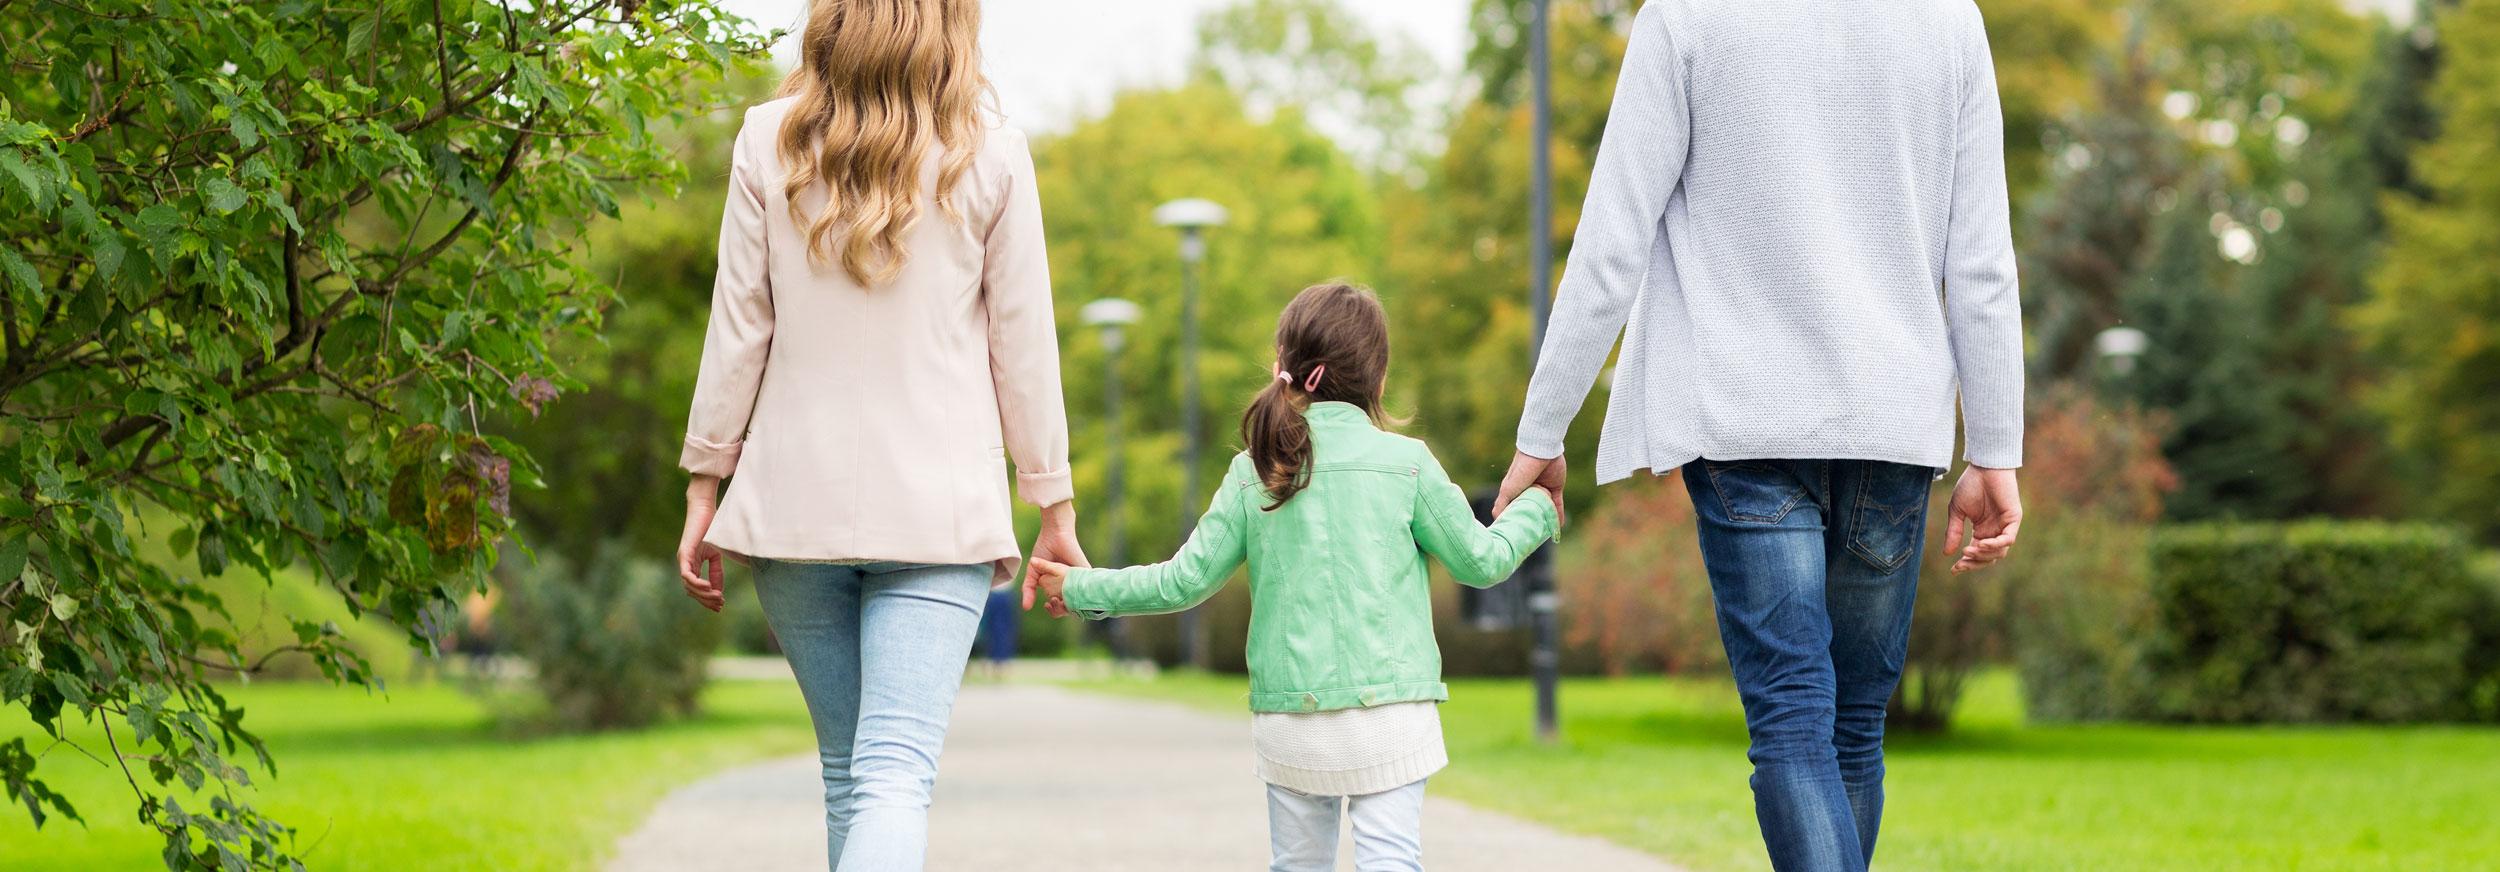 gezag omgang co-ouderschap